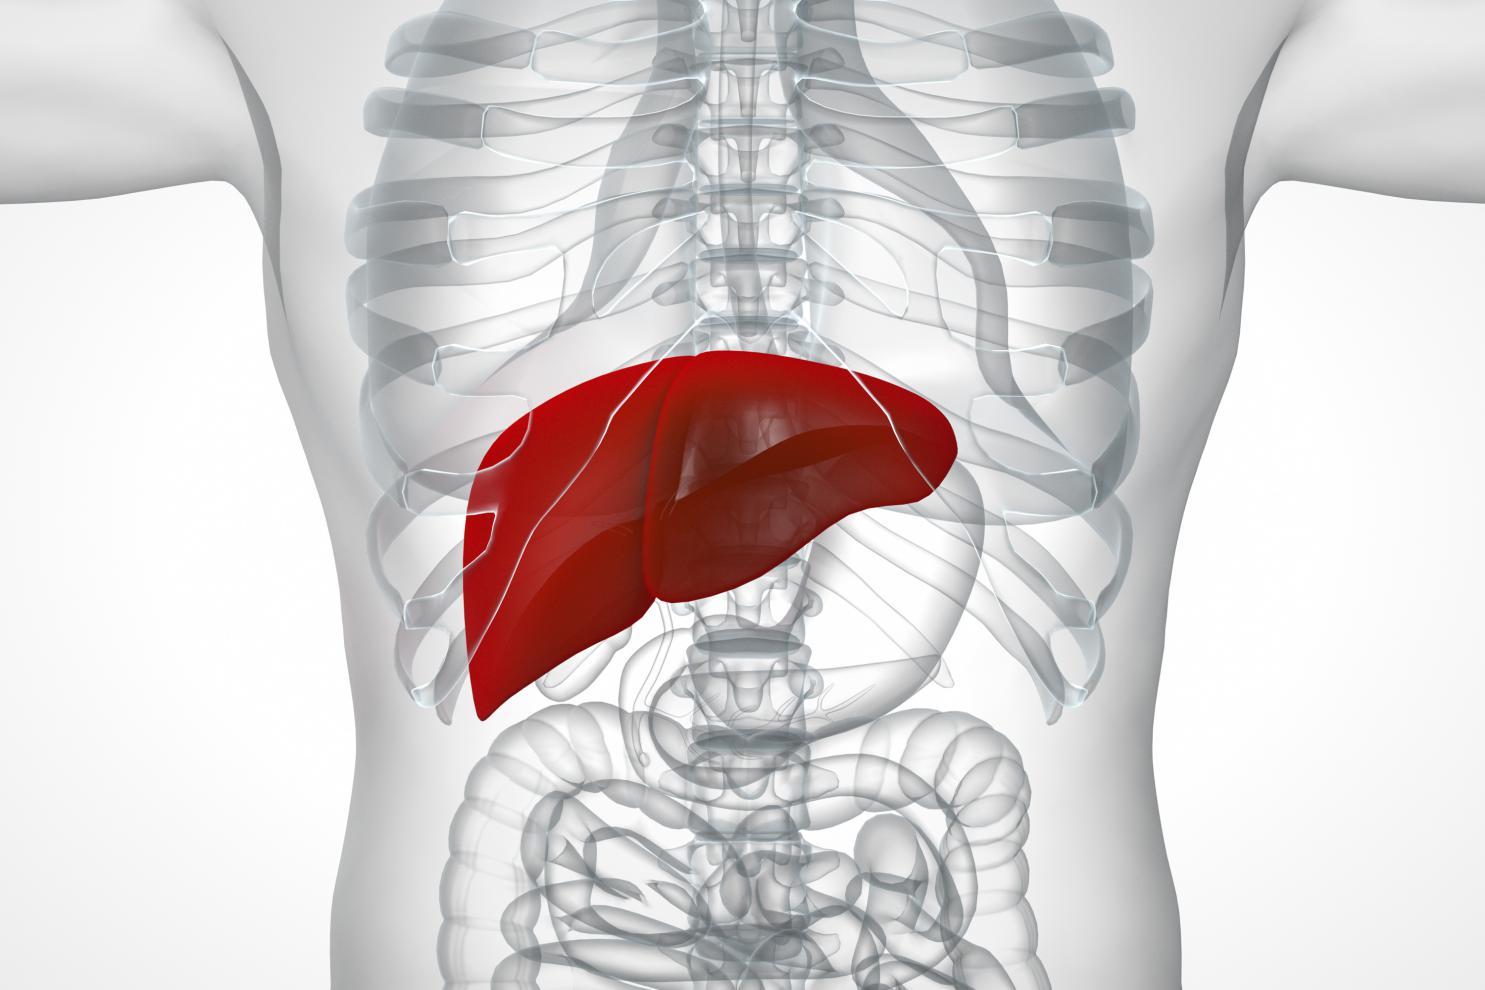 摄图网_401805612_人体肝脏系统(非企业商用)